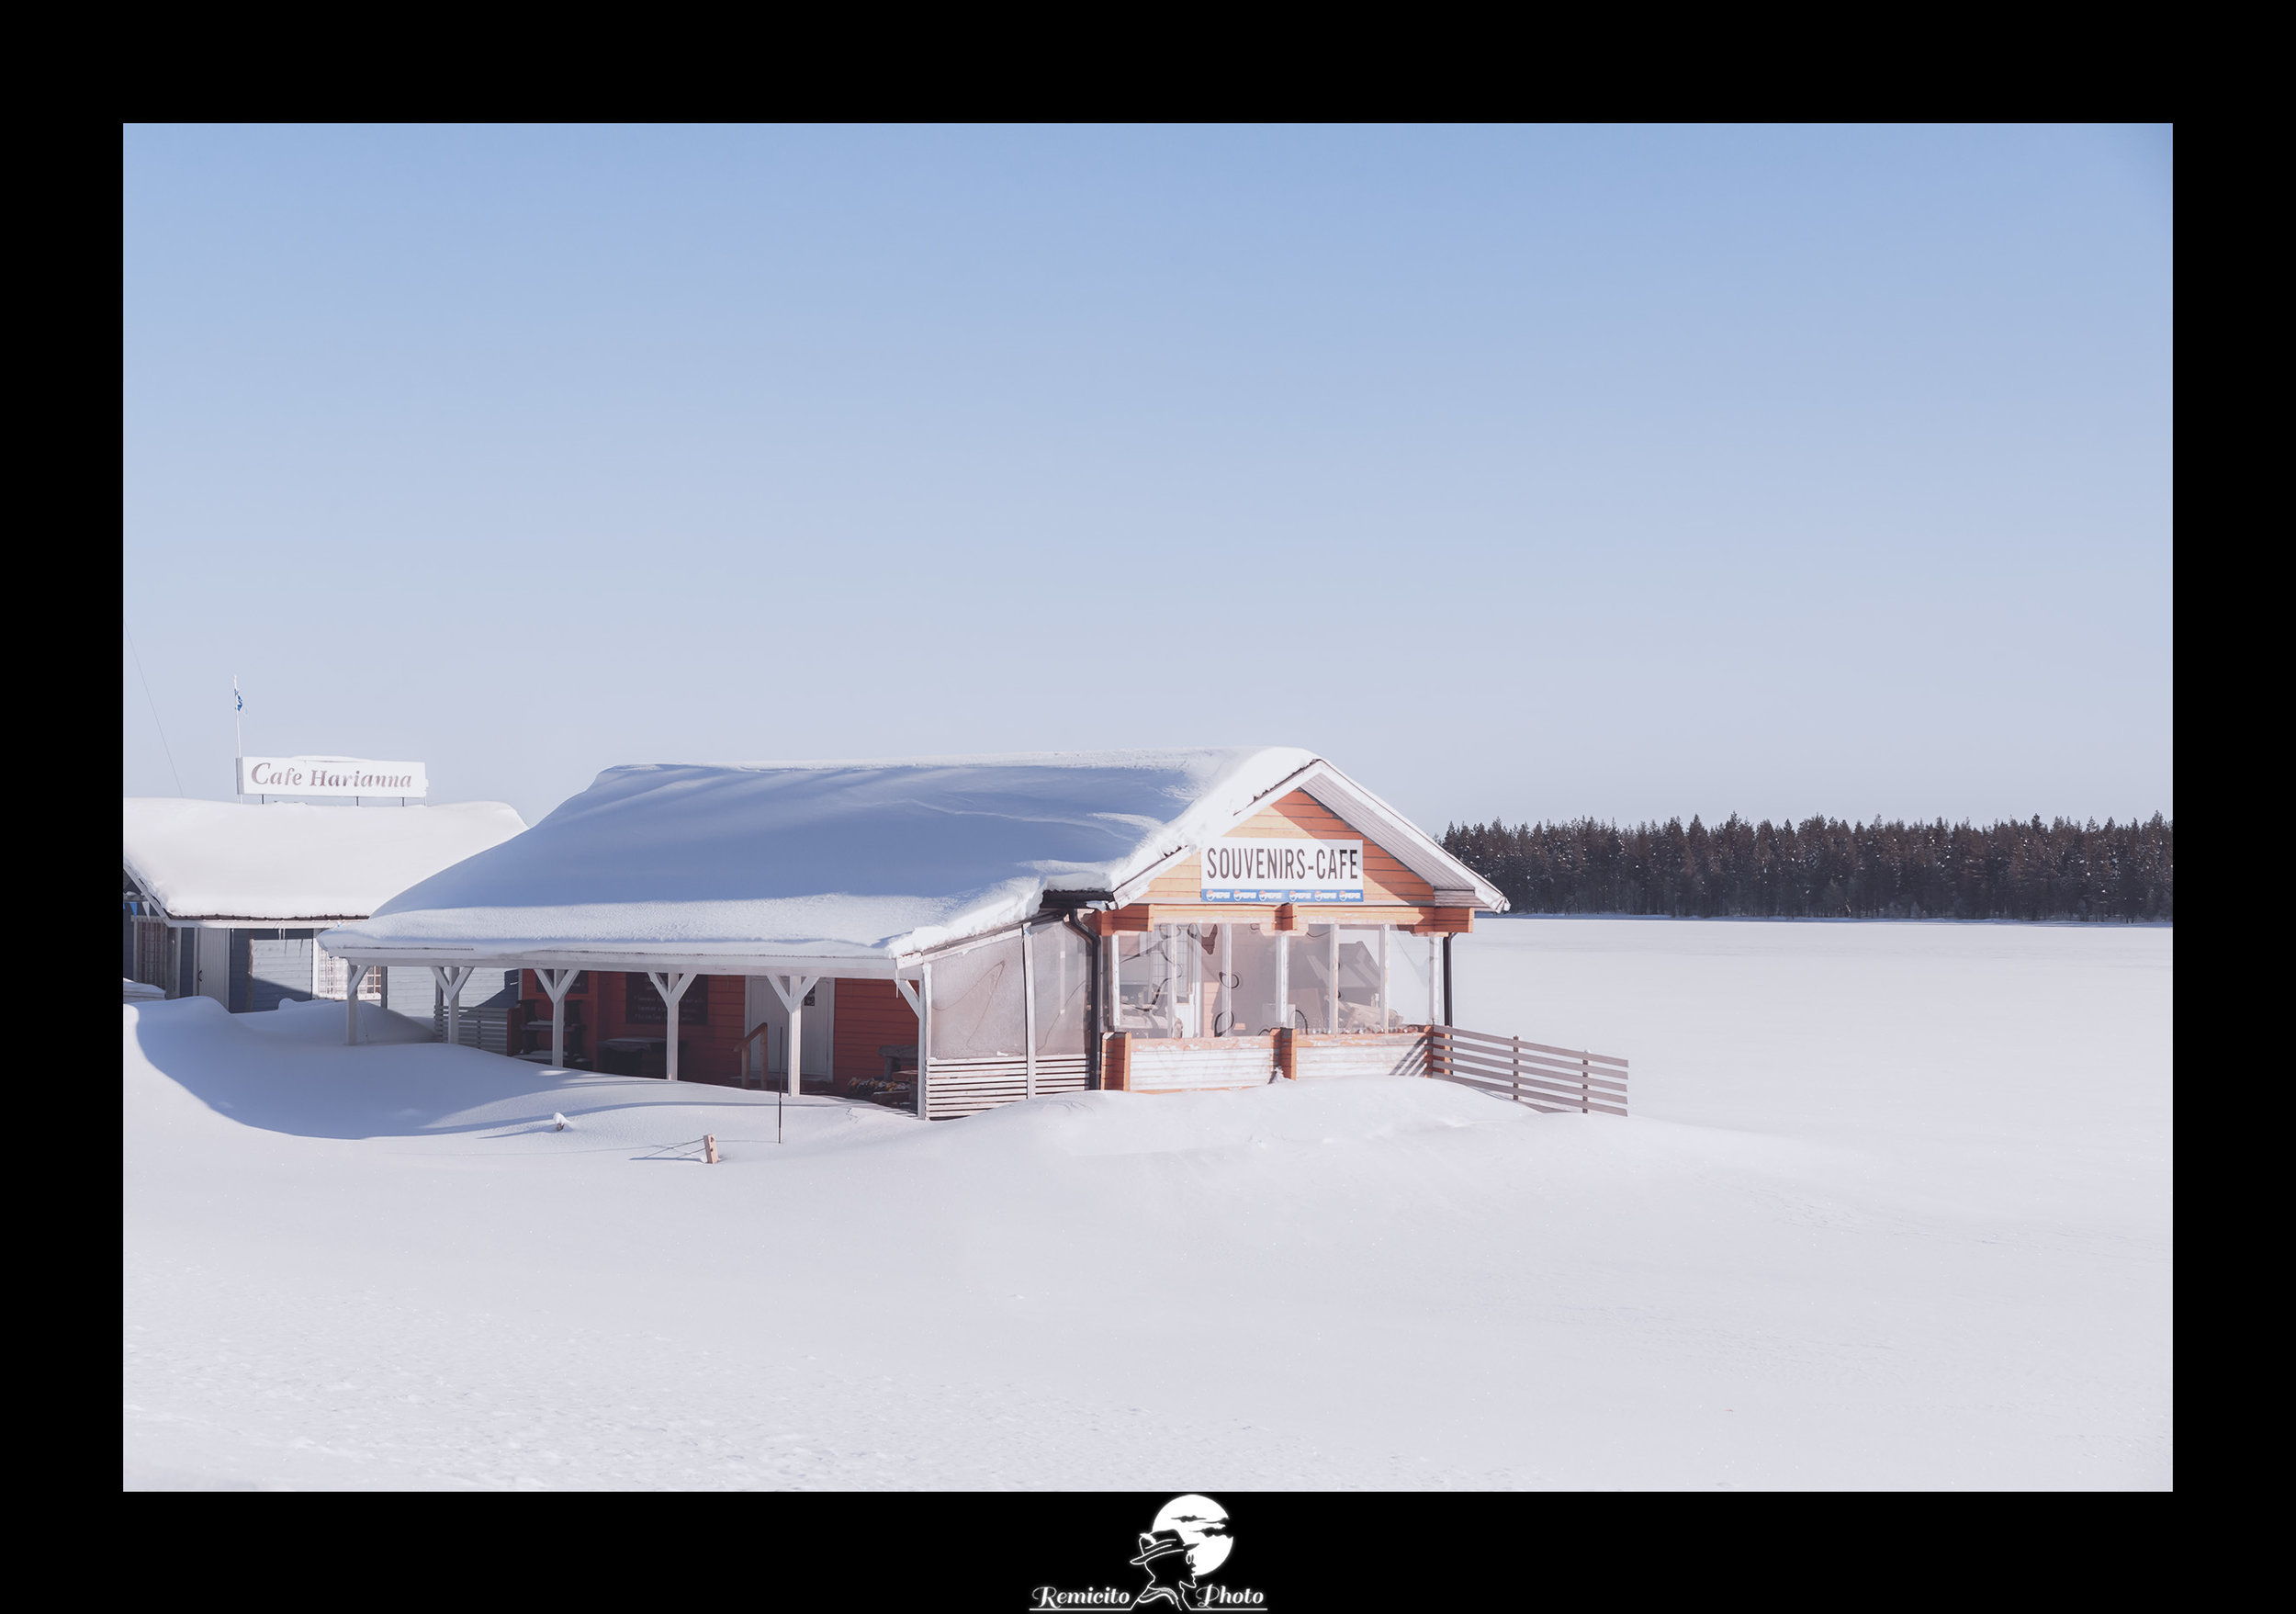 remicito, photoclub paris val-de-bièvres, remicito rémi lacombe, exposition Paradis blanc, idée cadeau belle photo neige finlande